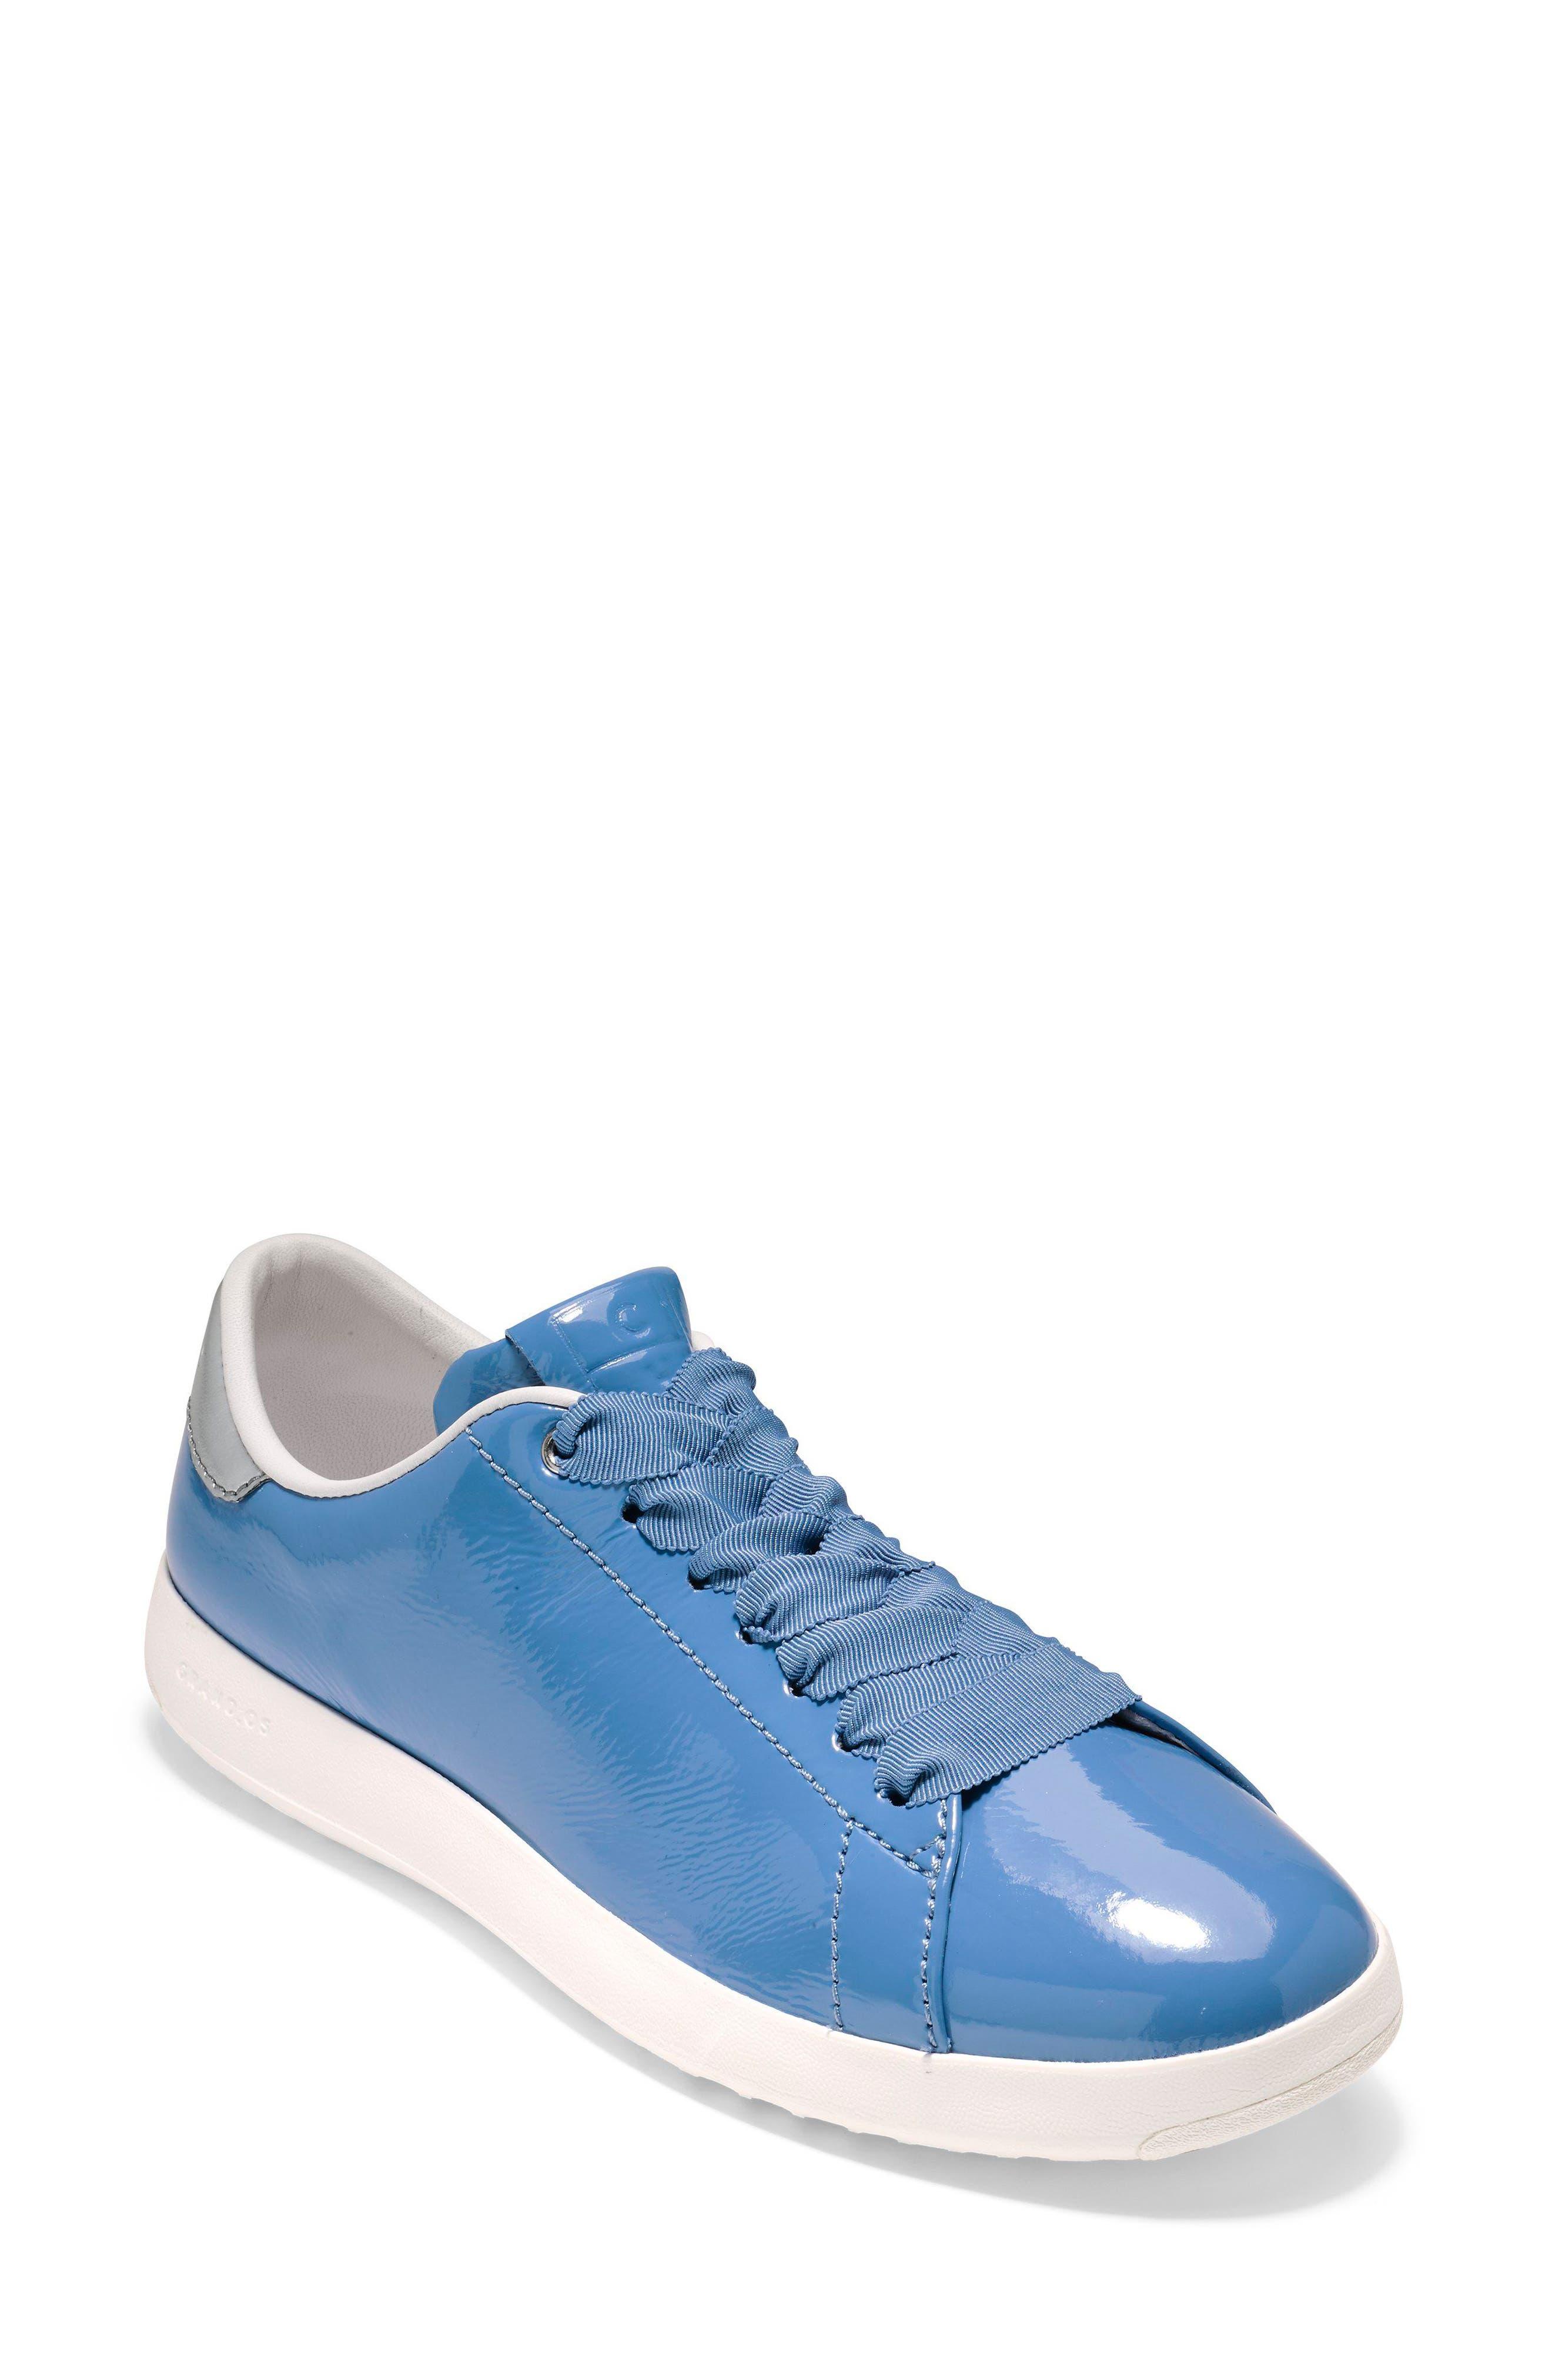 Alternate Image 1 Selected - Cole Haan Grandpro Tennis Shoe (Women)